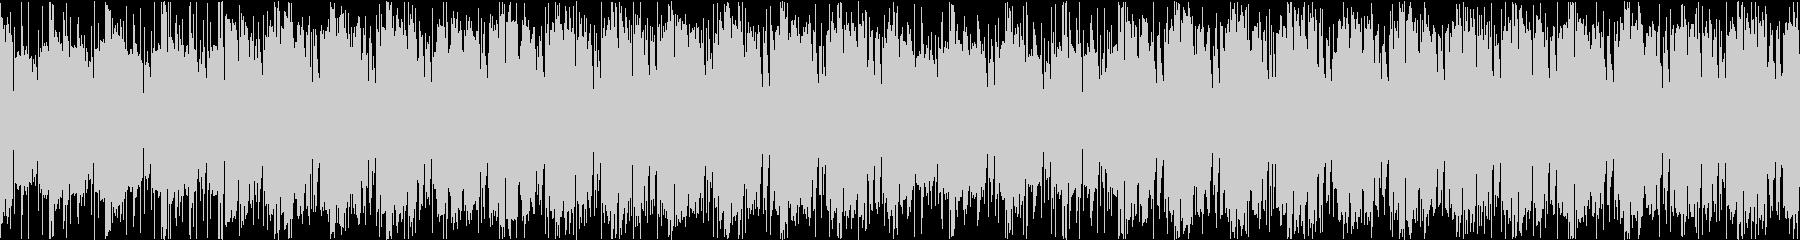 フルートとパーカッションのコミカルサンバの未再生の波形